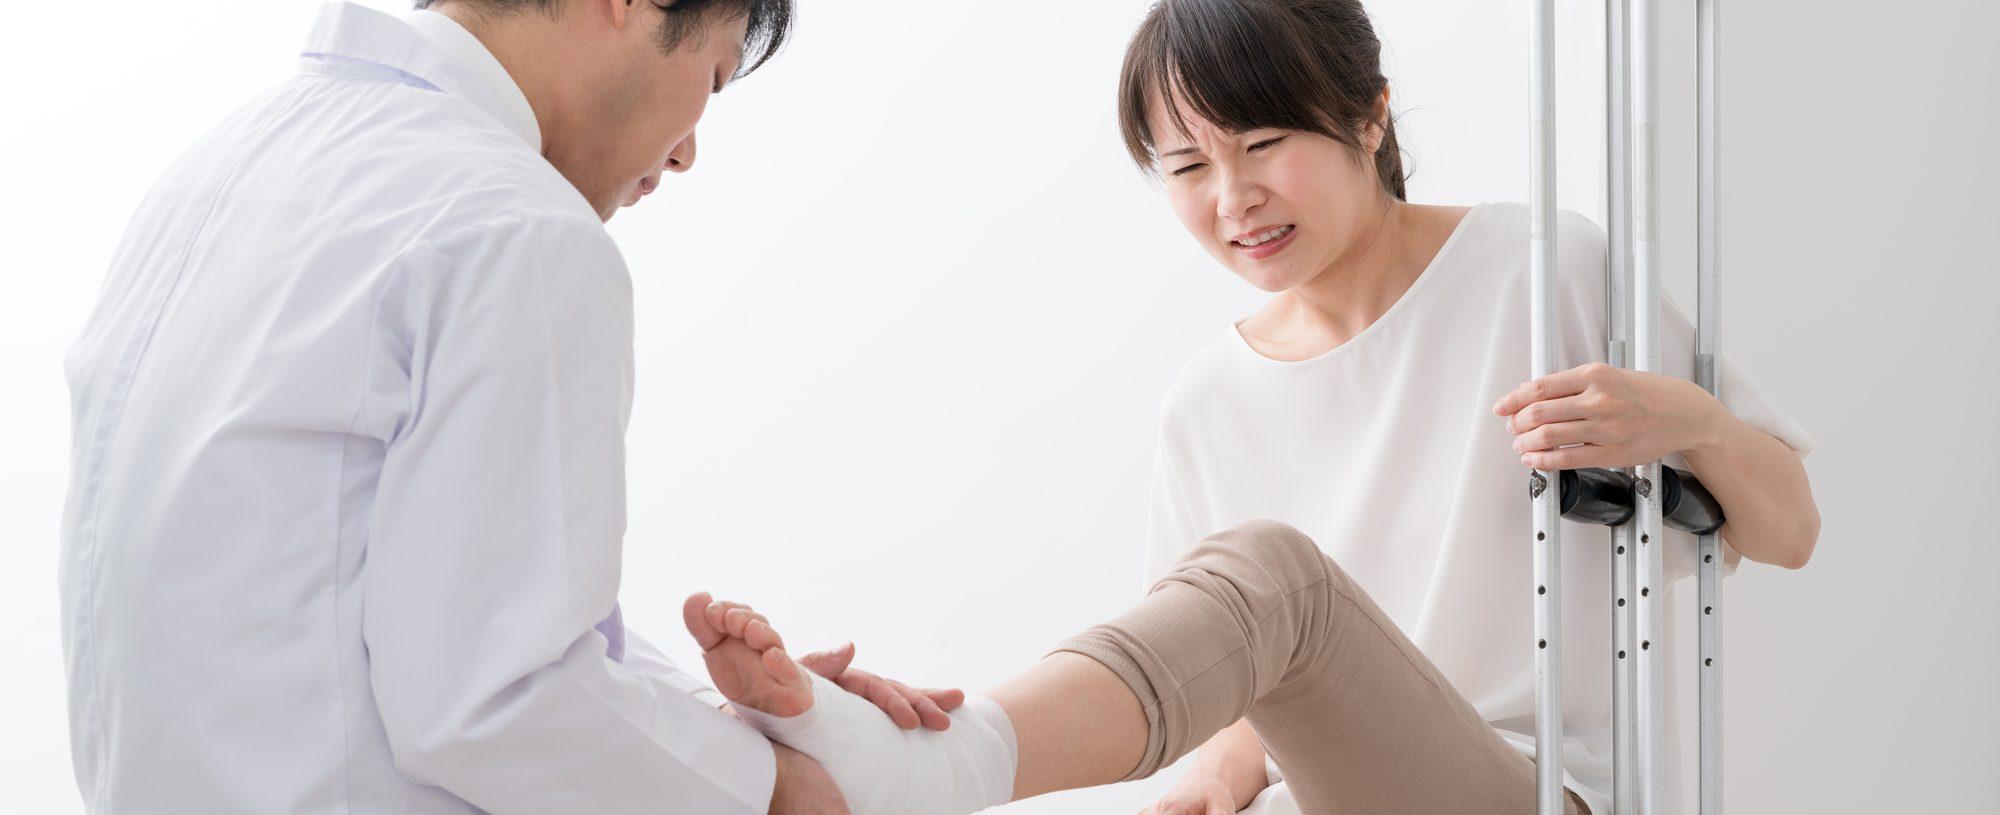 関節・筋肉の急性症状